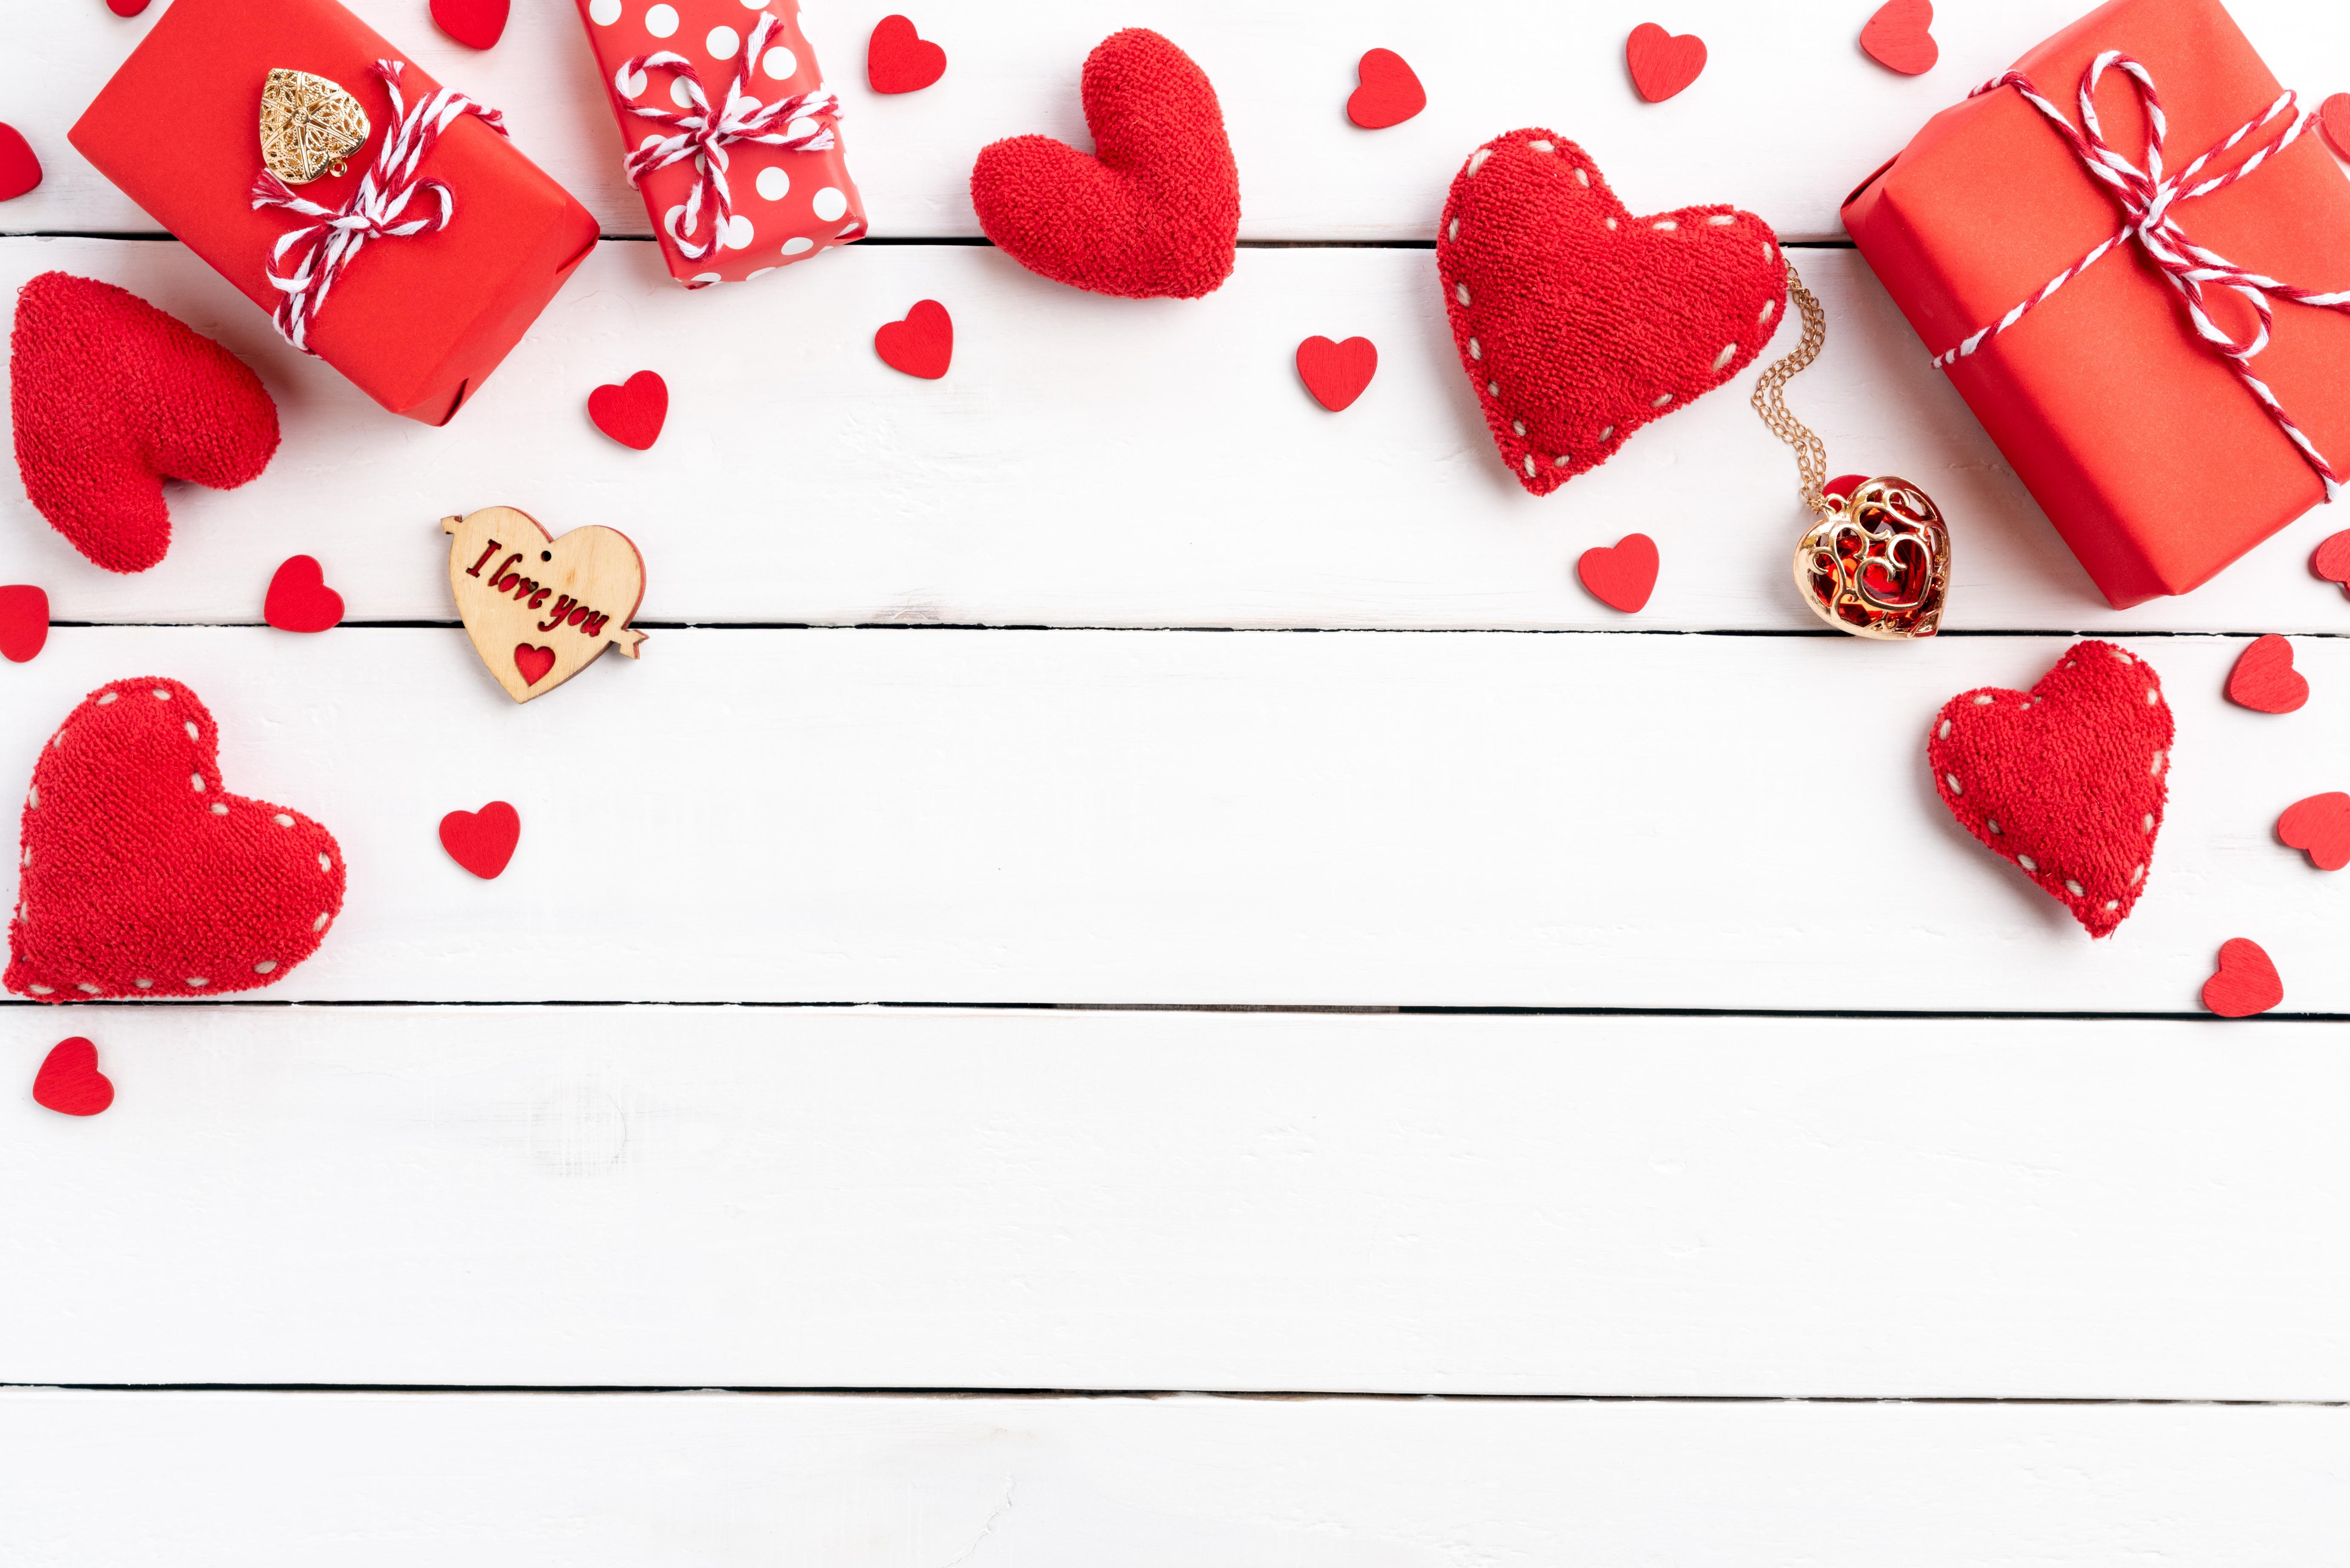 Картинки День всех влюблённых Сердце Шаблон поздравительной открытки Доски 5520x3684 День святого Валентина серце сердца сердечко